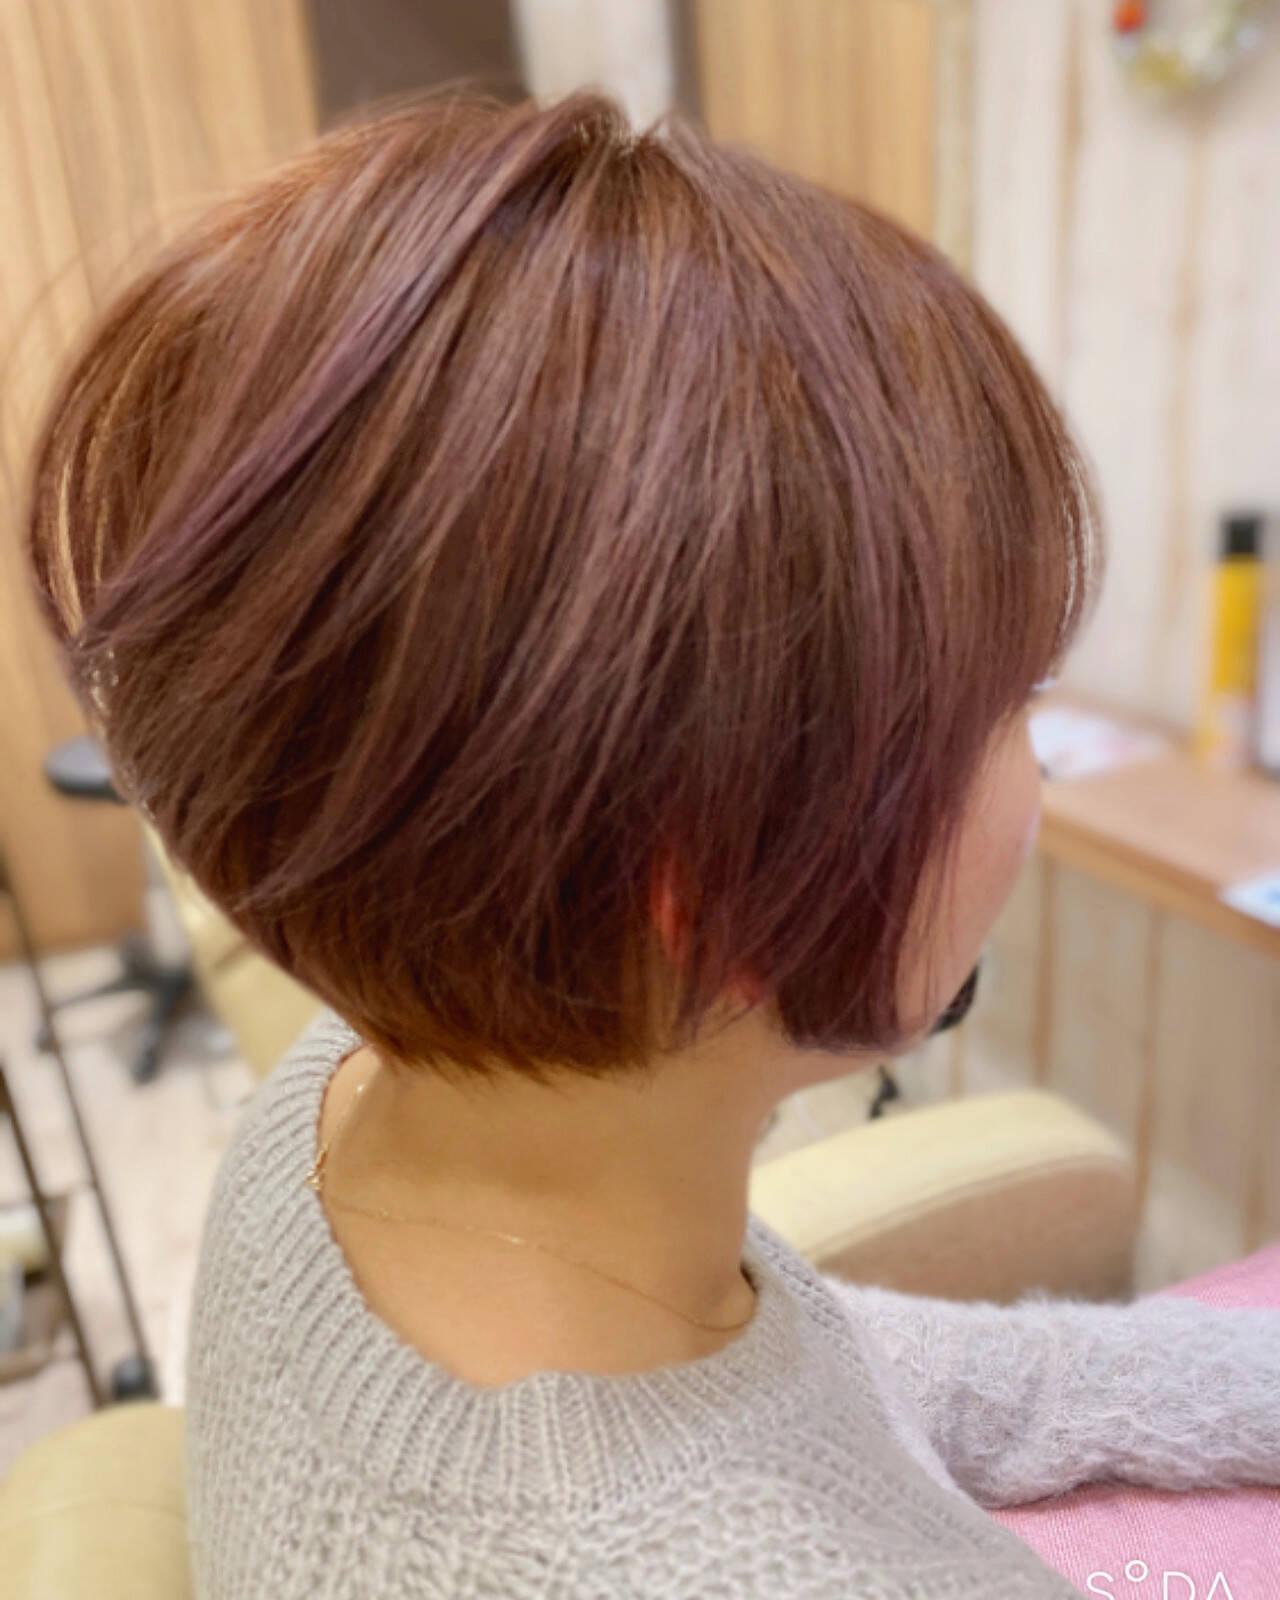 セミロング エレガント ショートボブ インナーカラーヘアスタイルや髪型の写真・画像